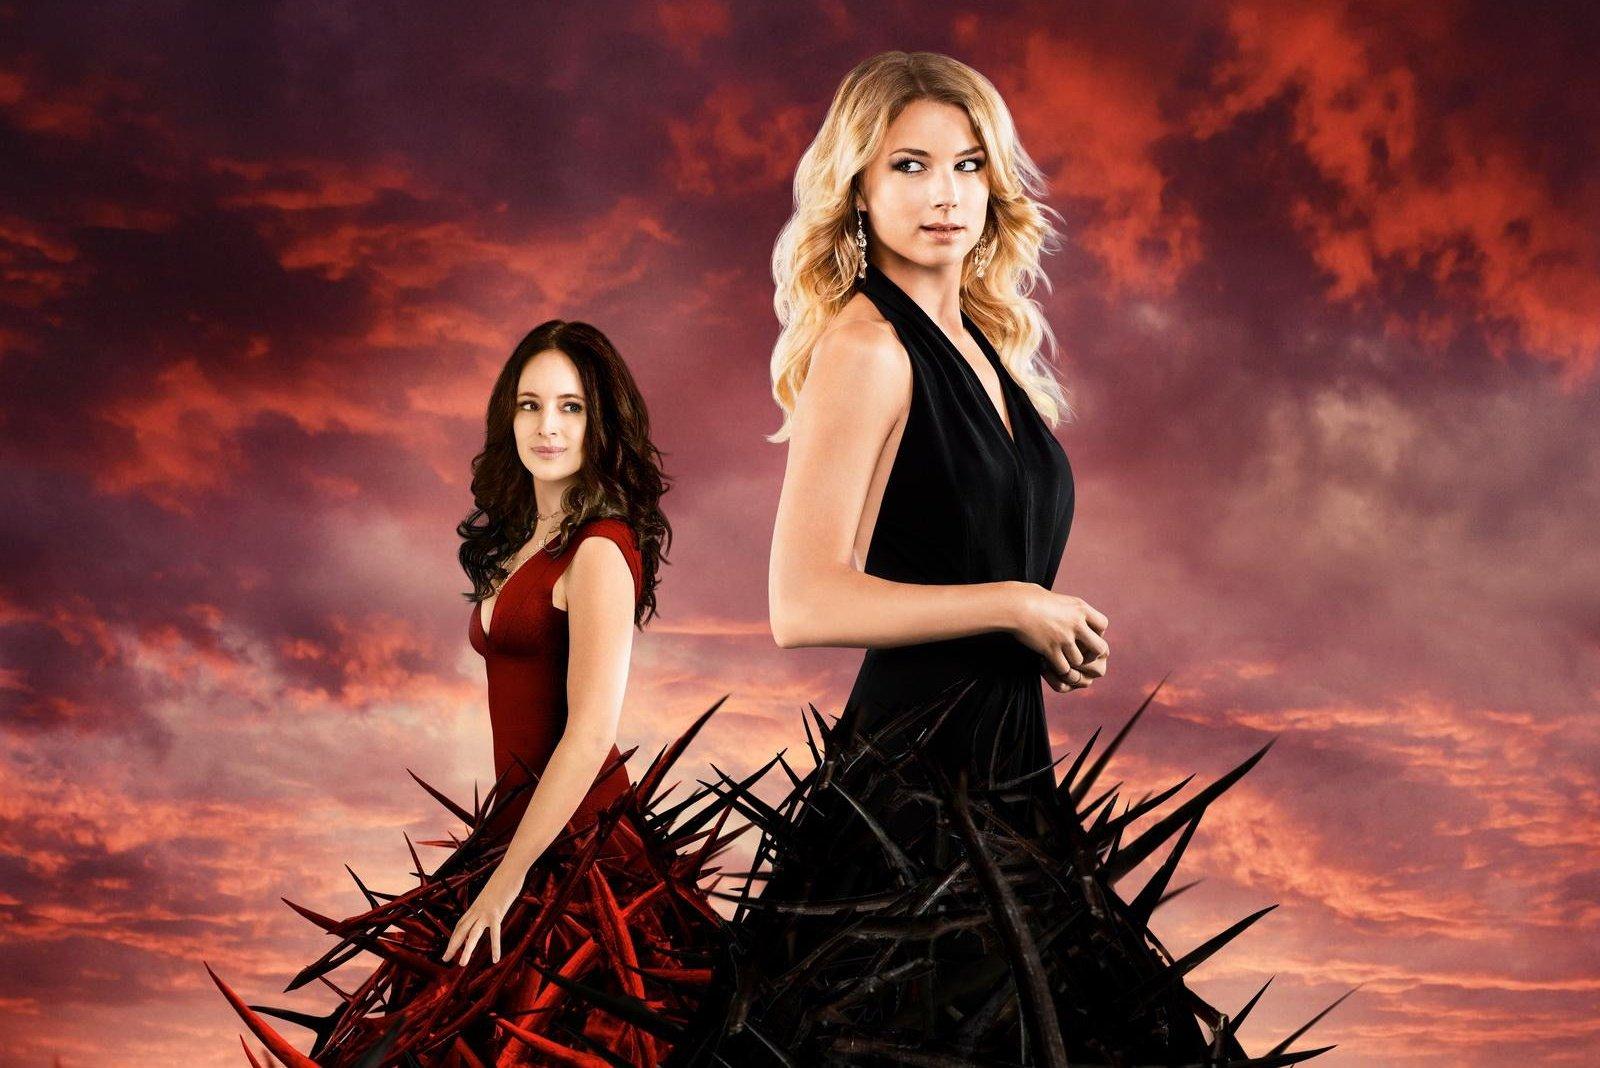 Le serie tv che non meritavano di essere cancellate – Ep. 2